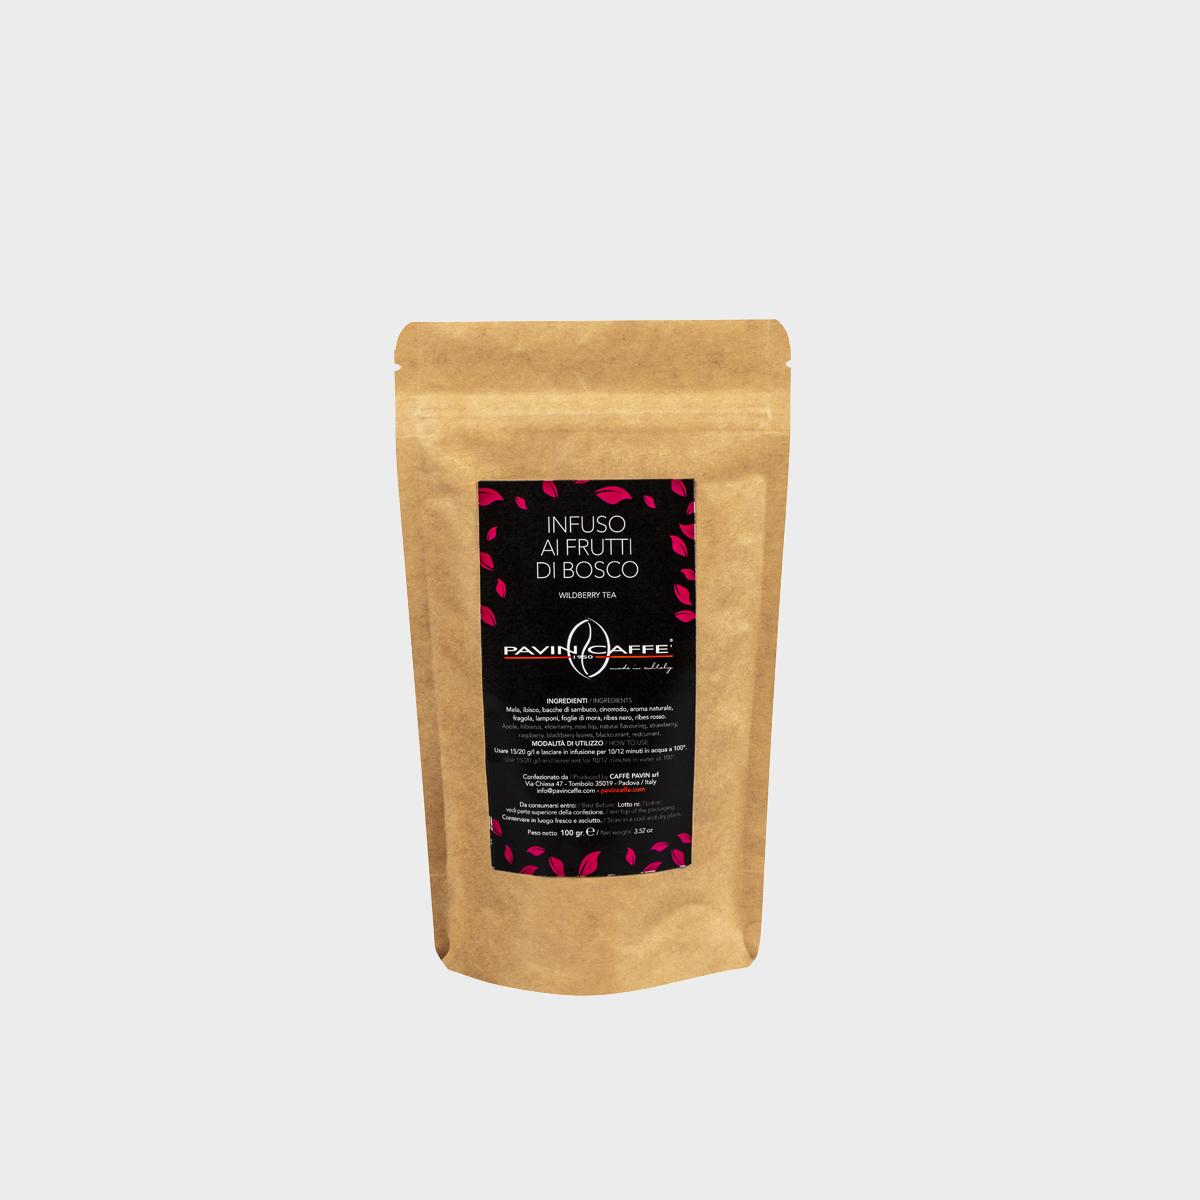 infuso-ai-frutti-di-bosco-pavin-caffe